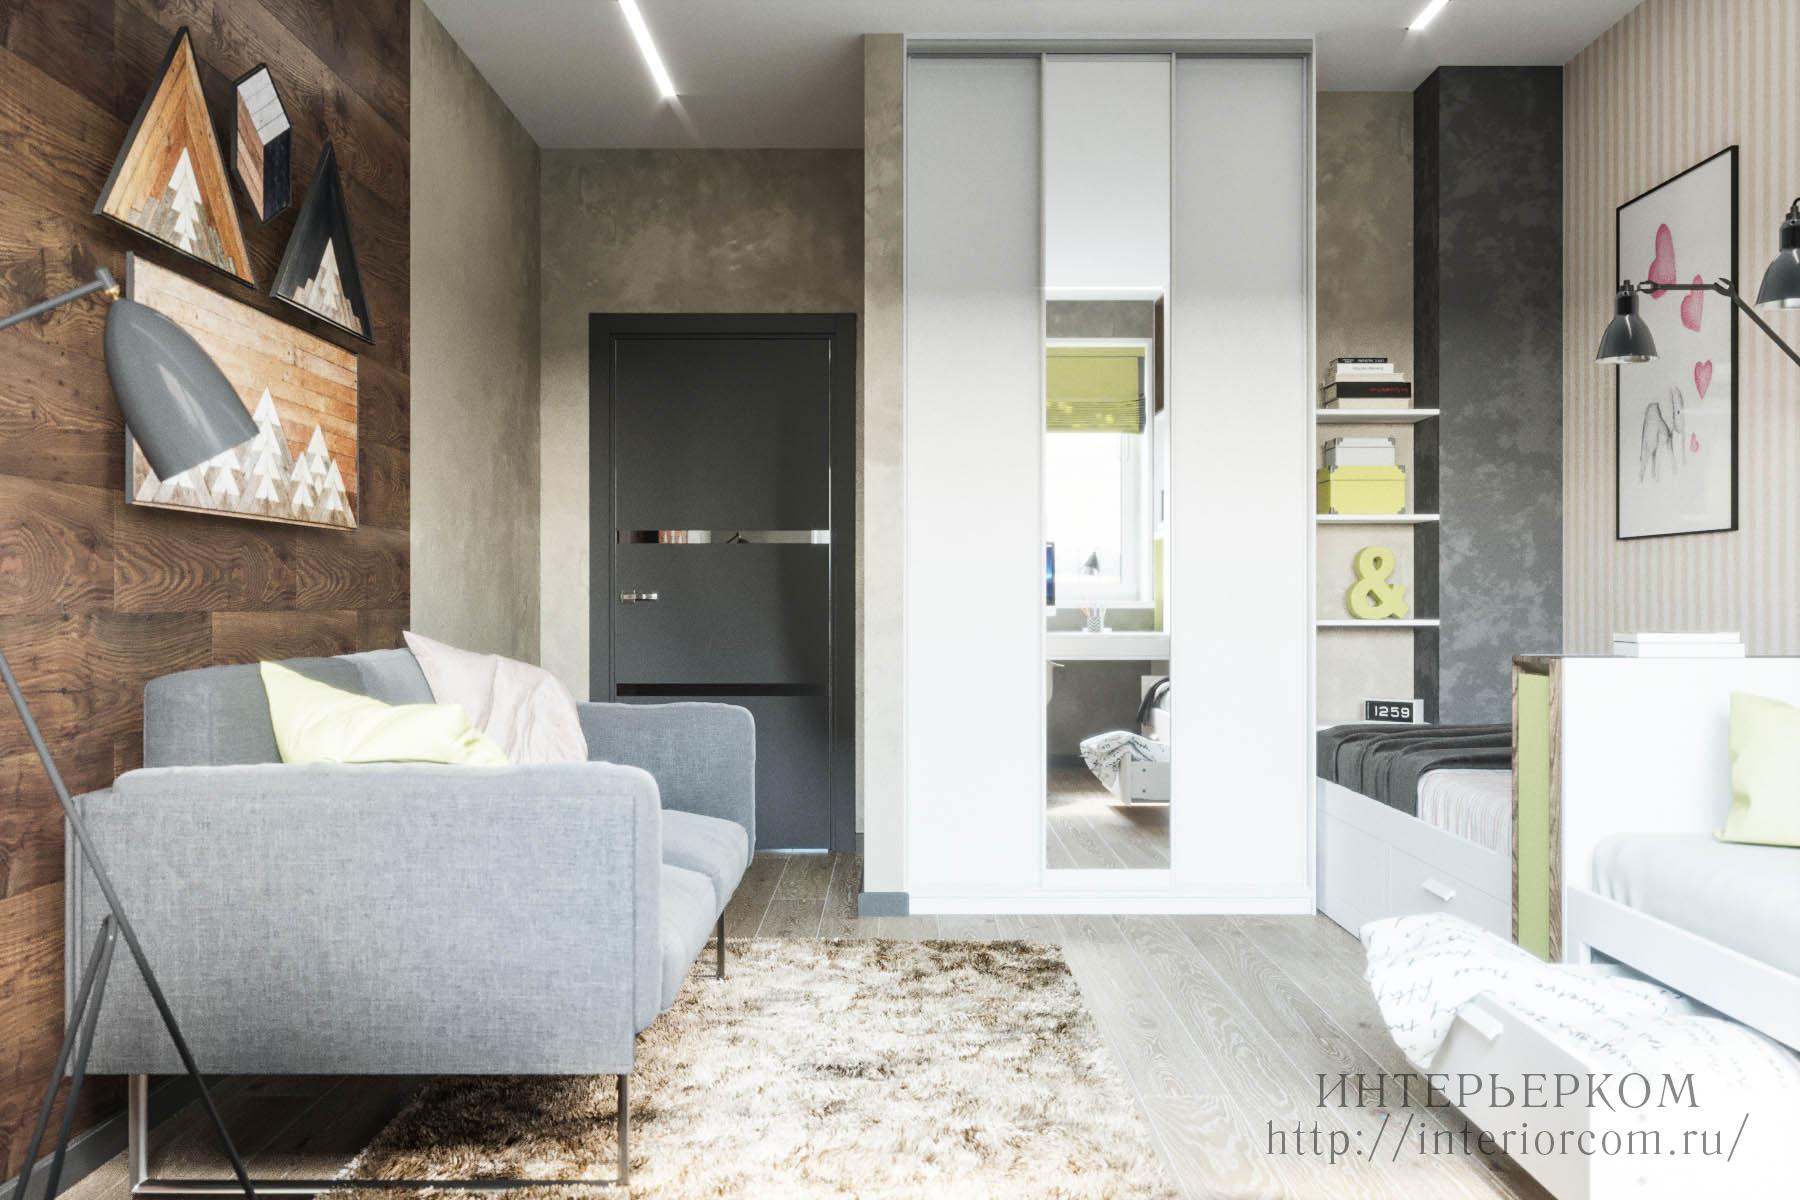 шкаф-купе в интерьере четырехкомнатной квартиры